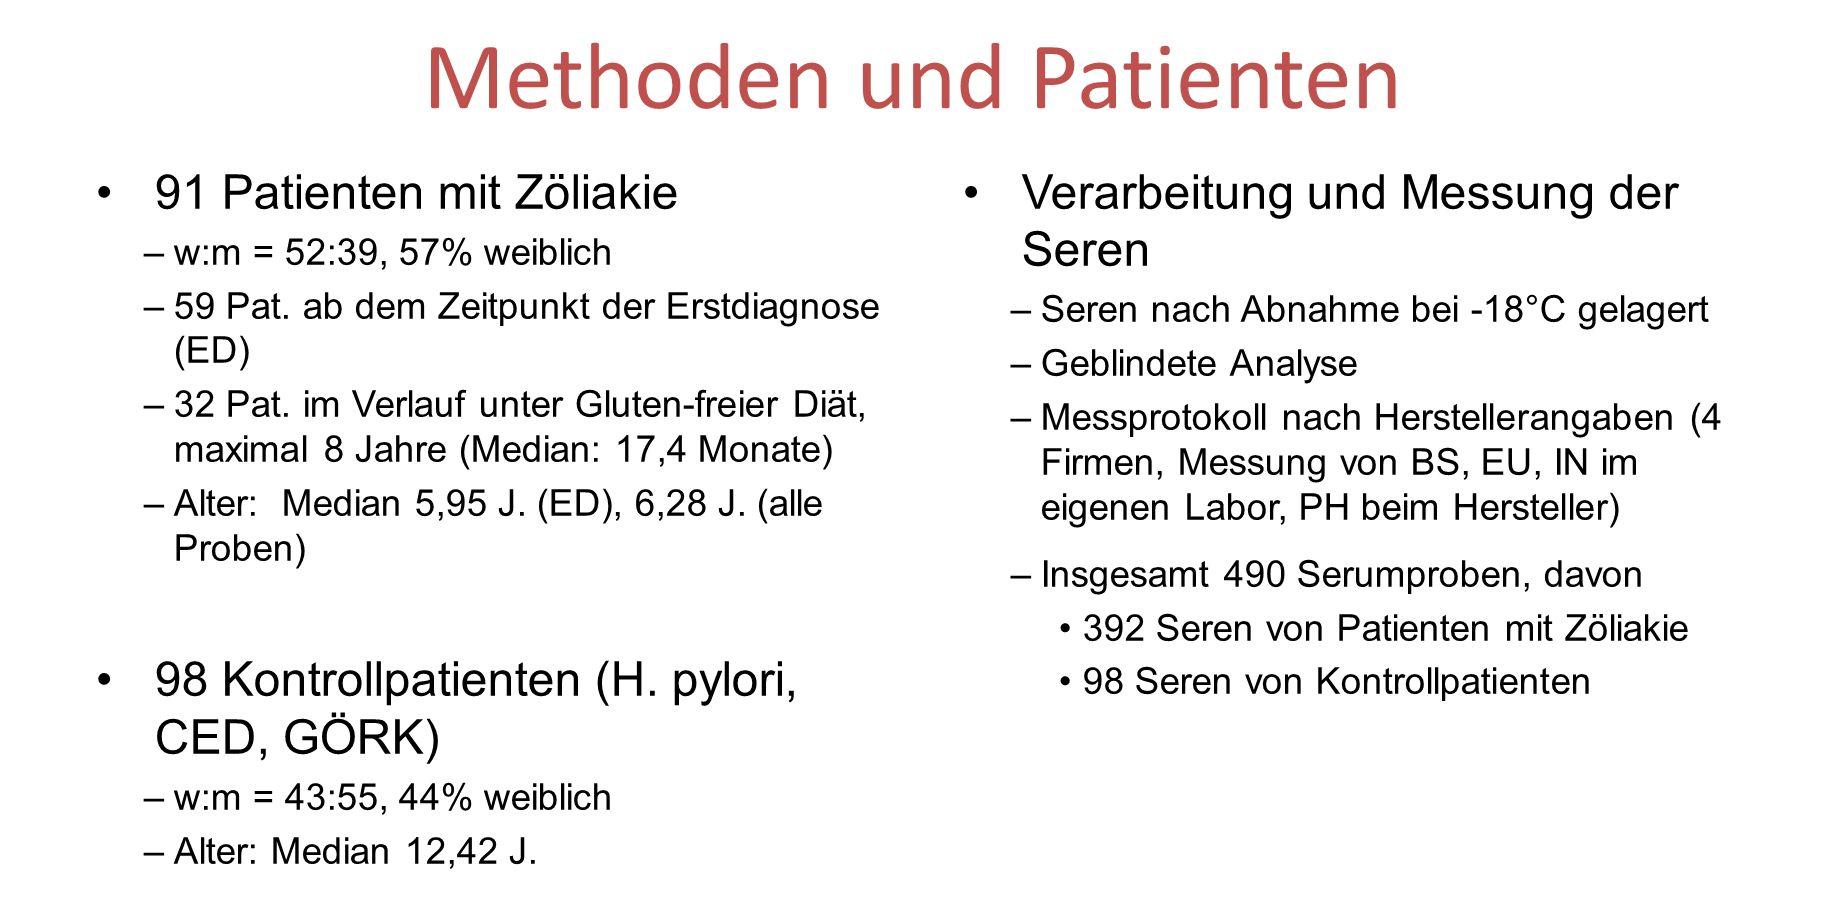 Methoden und Patienten 91 Patienten mit Zöliakie –w:m = 52:39, 57% weiblich –59 Pat. ab dem Zeitpunkt der Erstdiagnose (ED) –32 Pat. im Verlauf unter